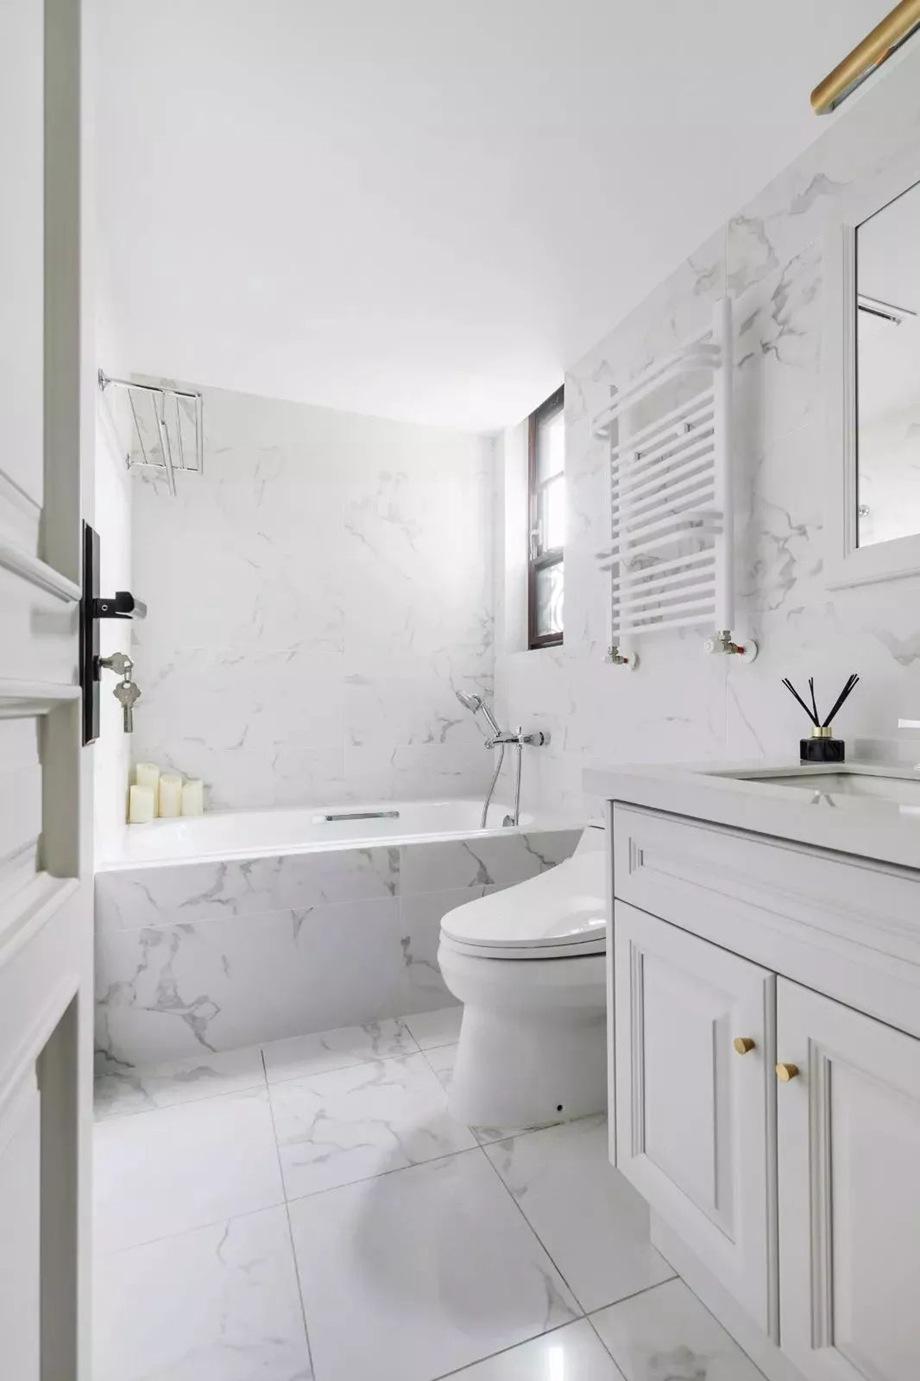 卫生间就不能好看吗?挑选合适的瓷砖,你家也能火爆朋友圈哦!